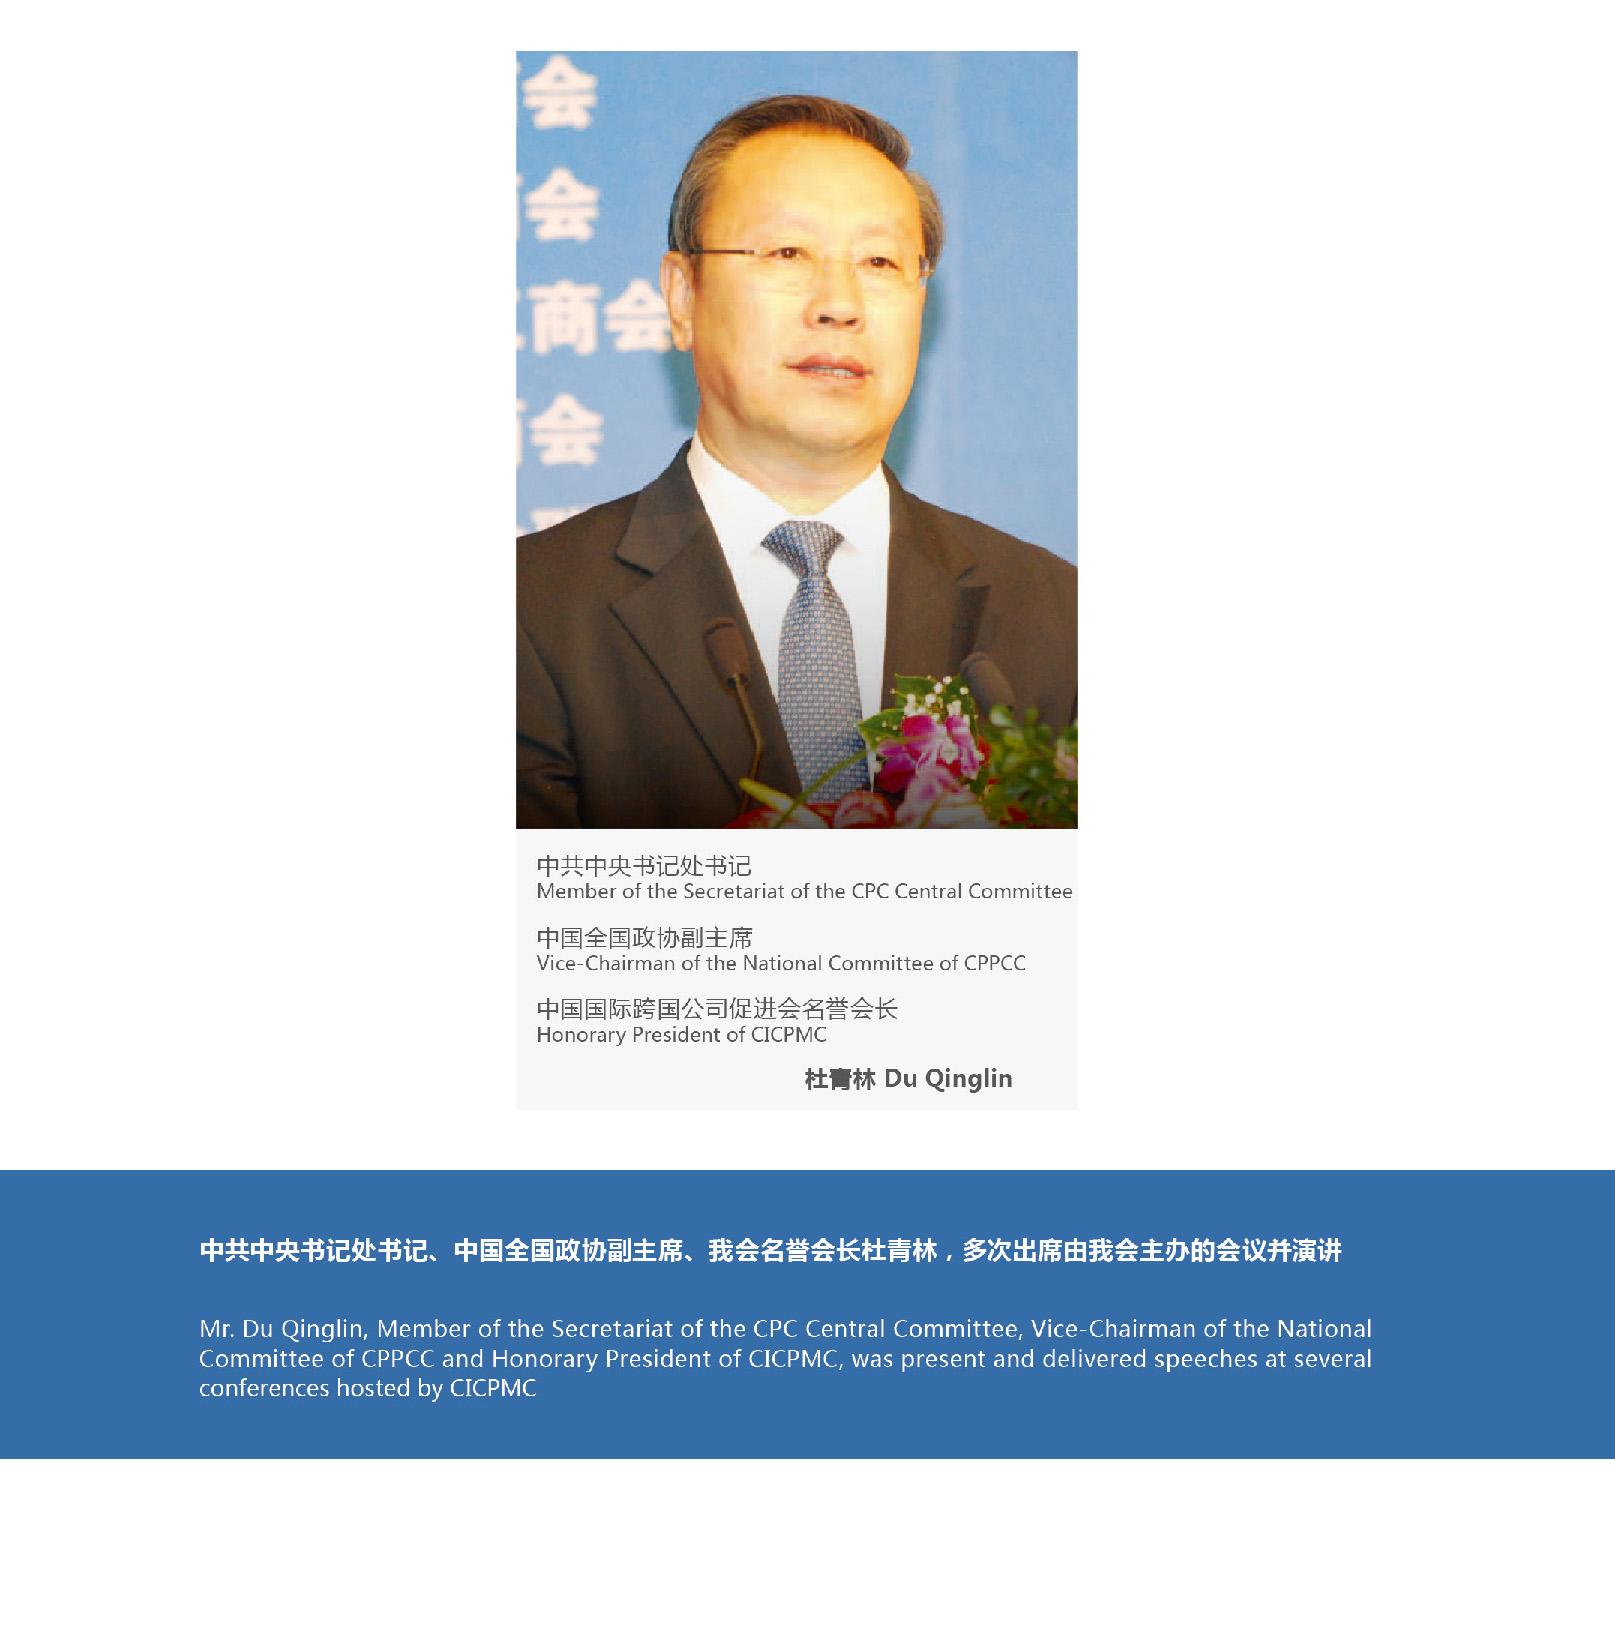 中共中央书记处书记、中国全国政协副主席、我会名誉会长杜青林,多次出席由我会主办的会议并演讲